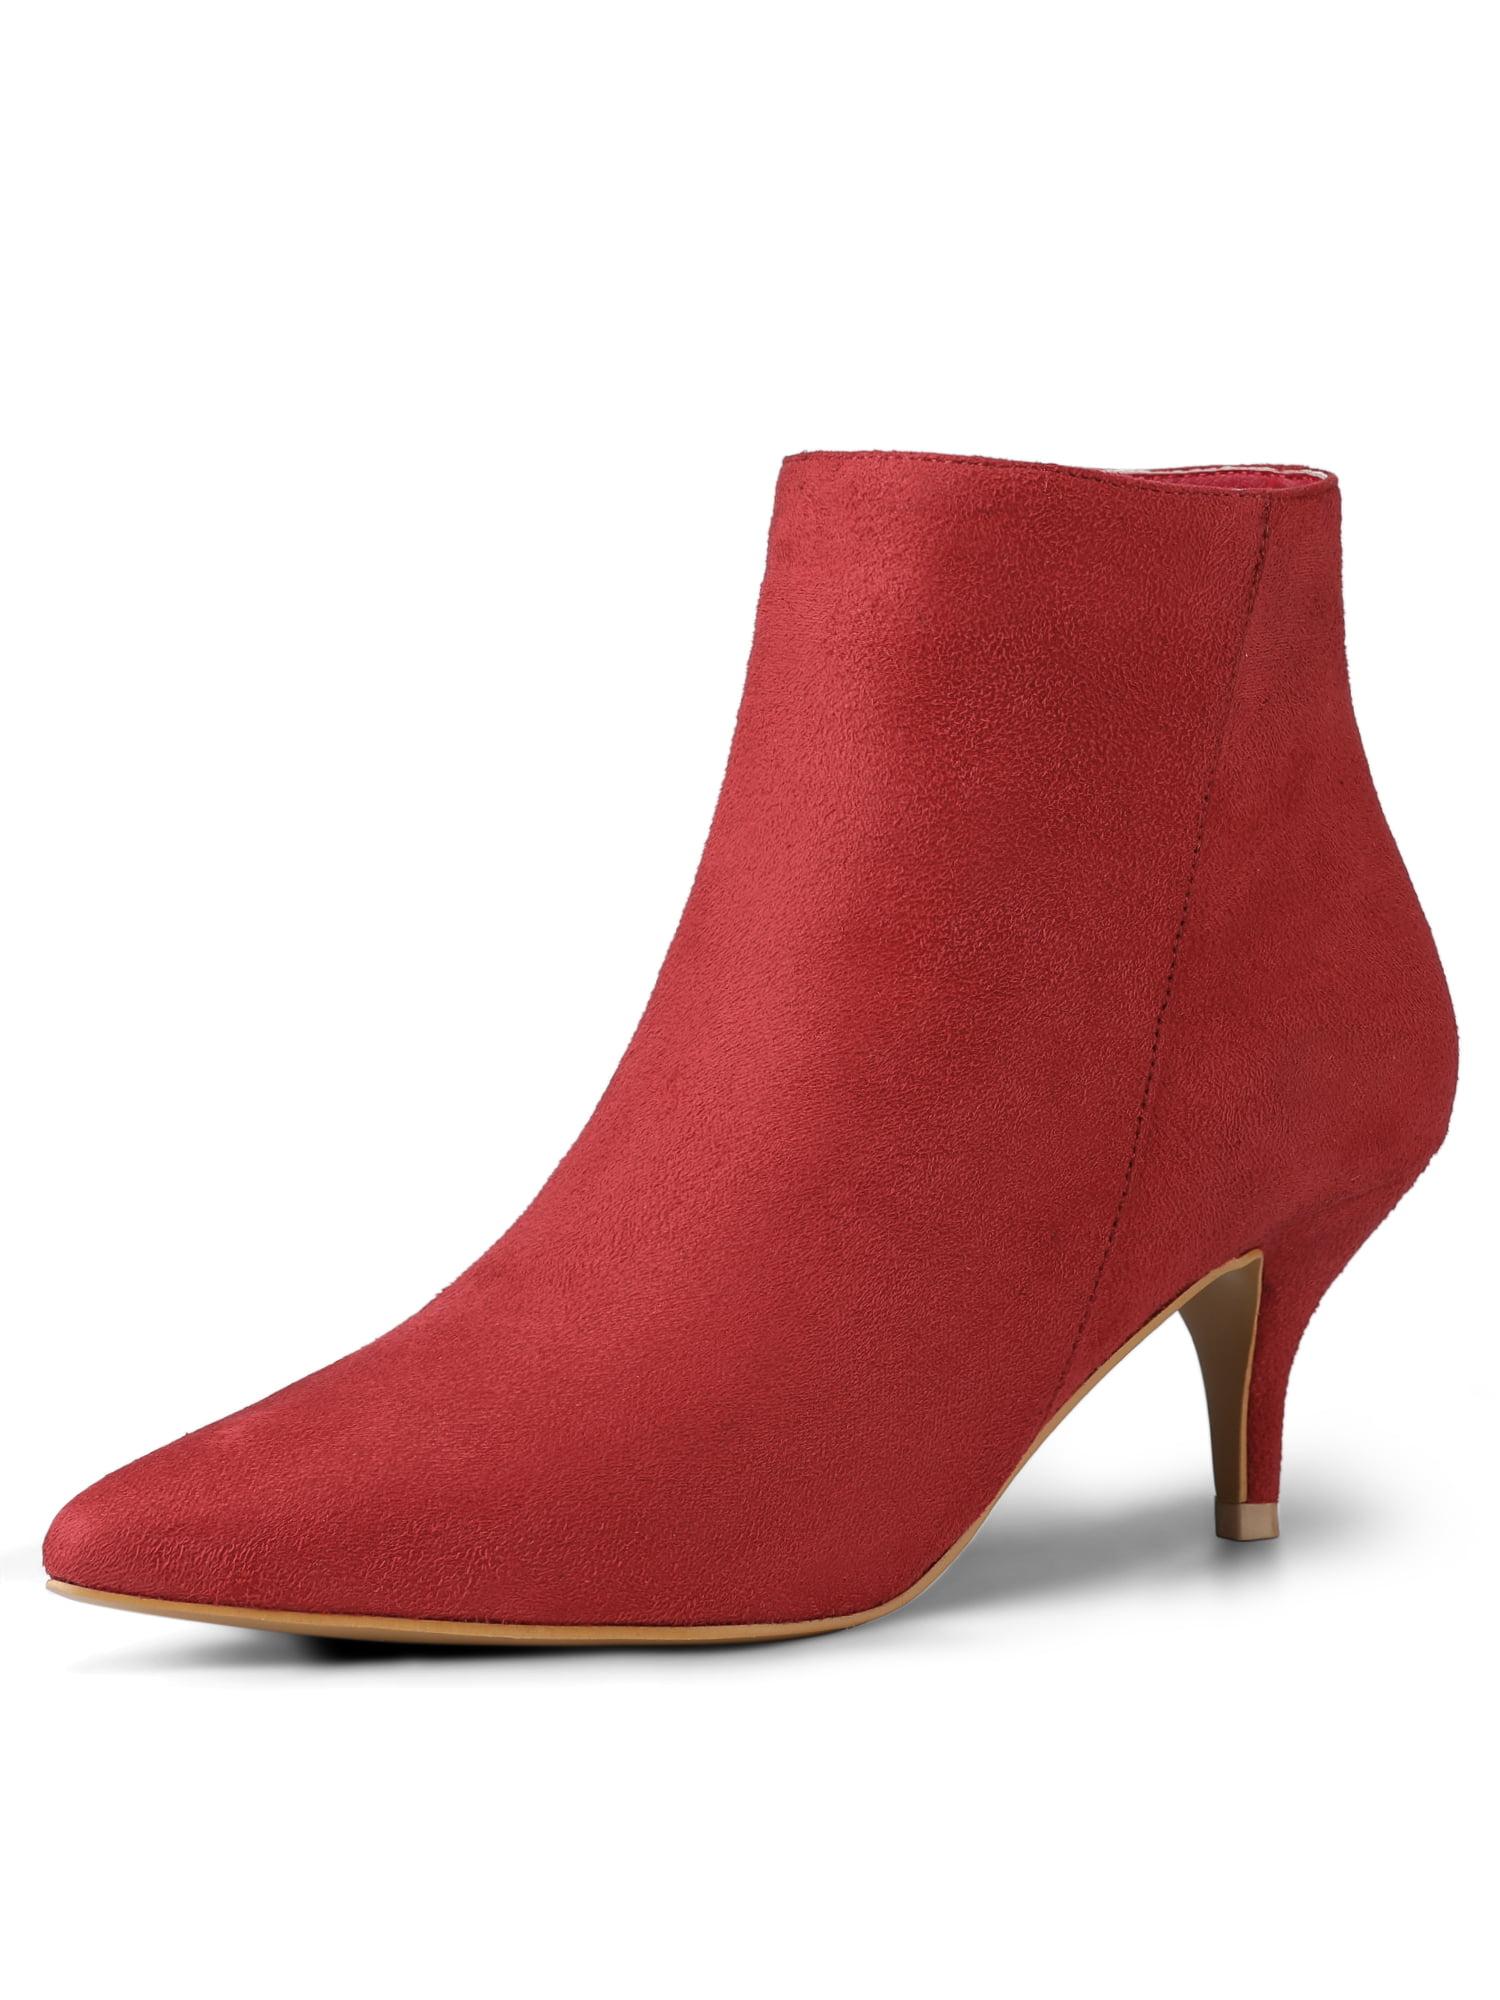 Allegra K Women's Pointed Toe Zip